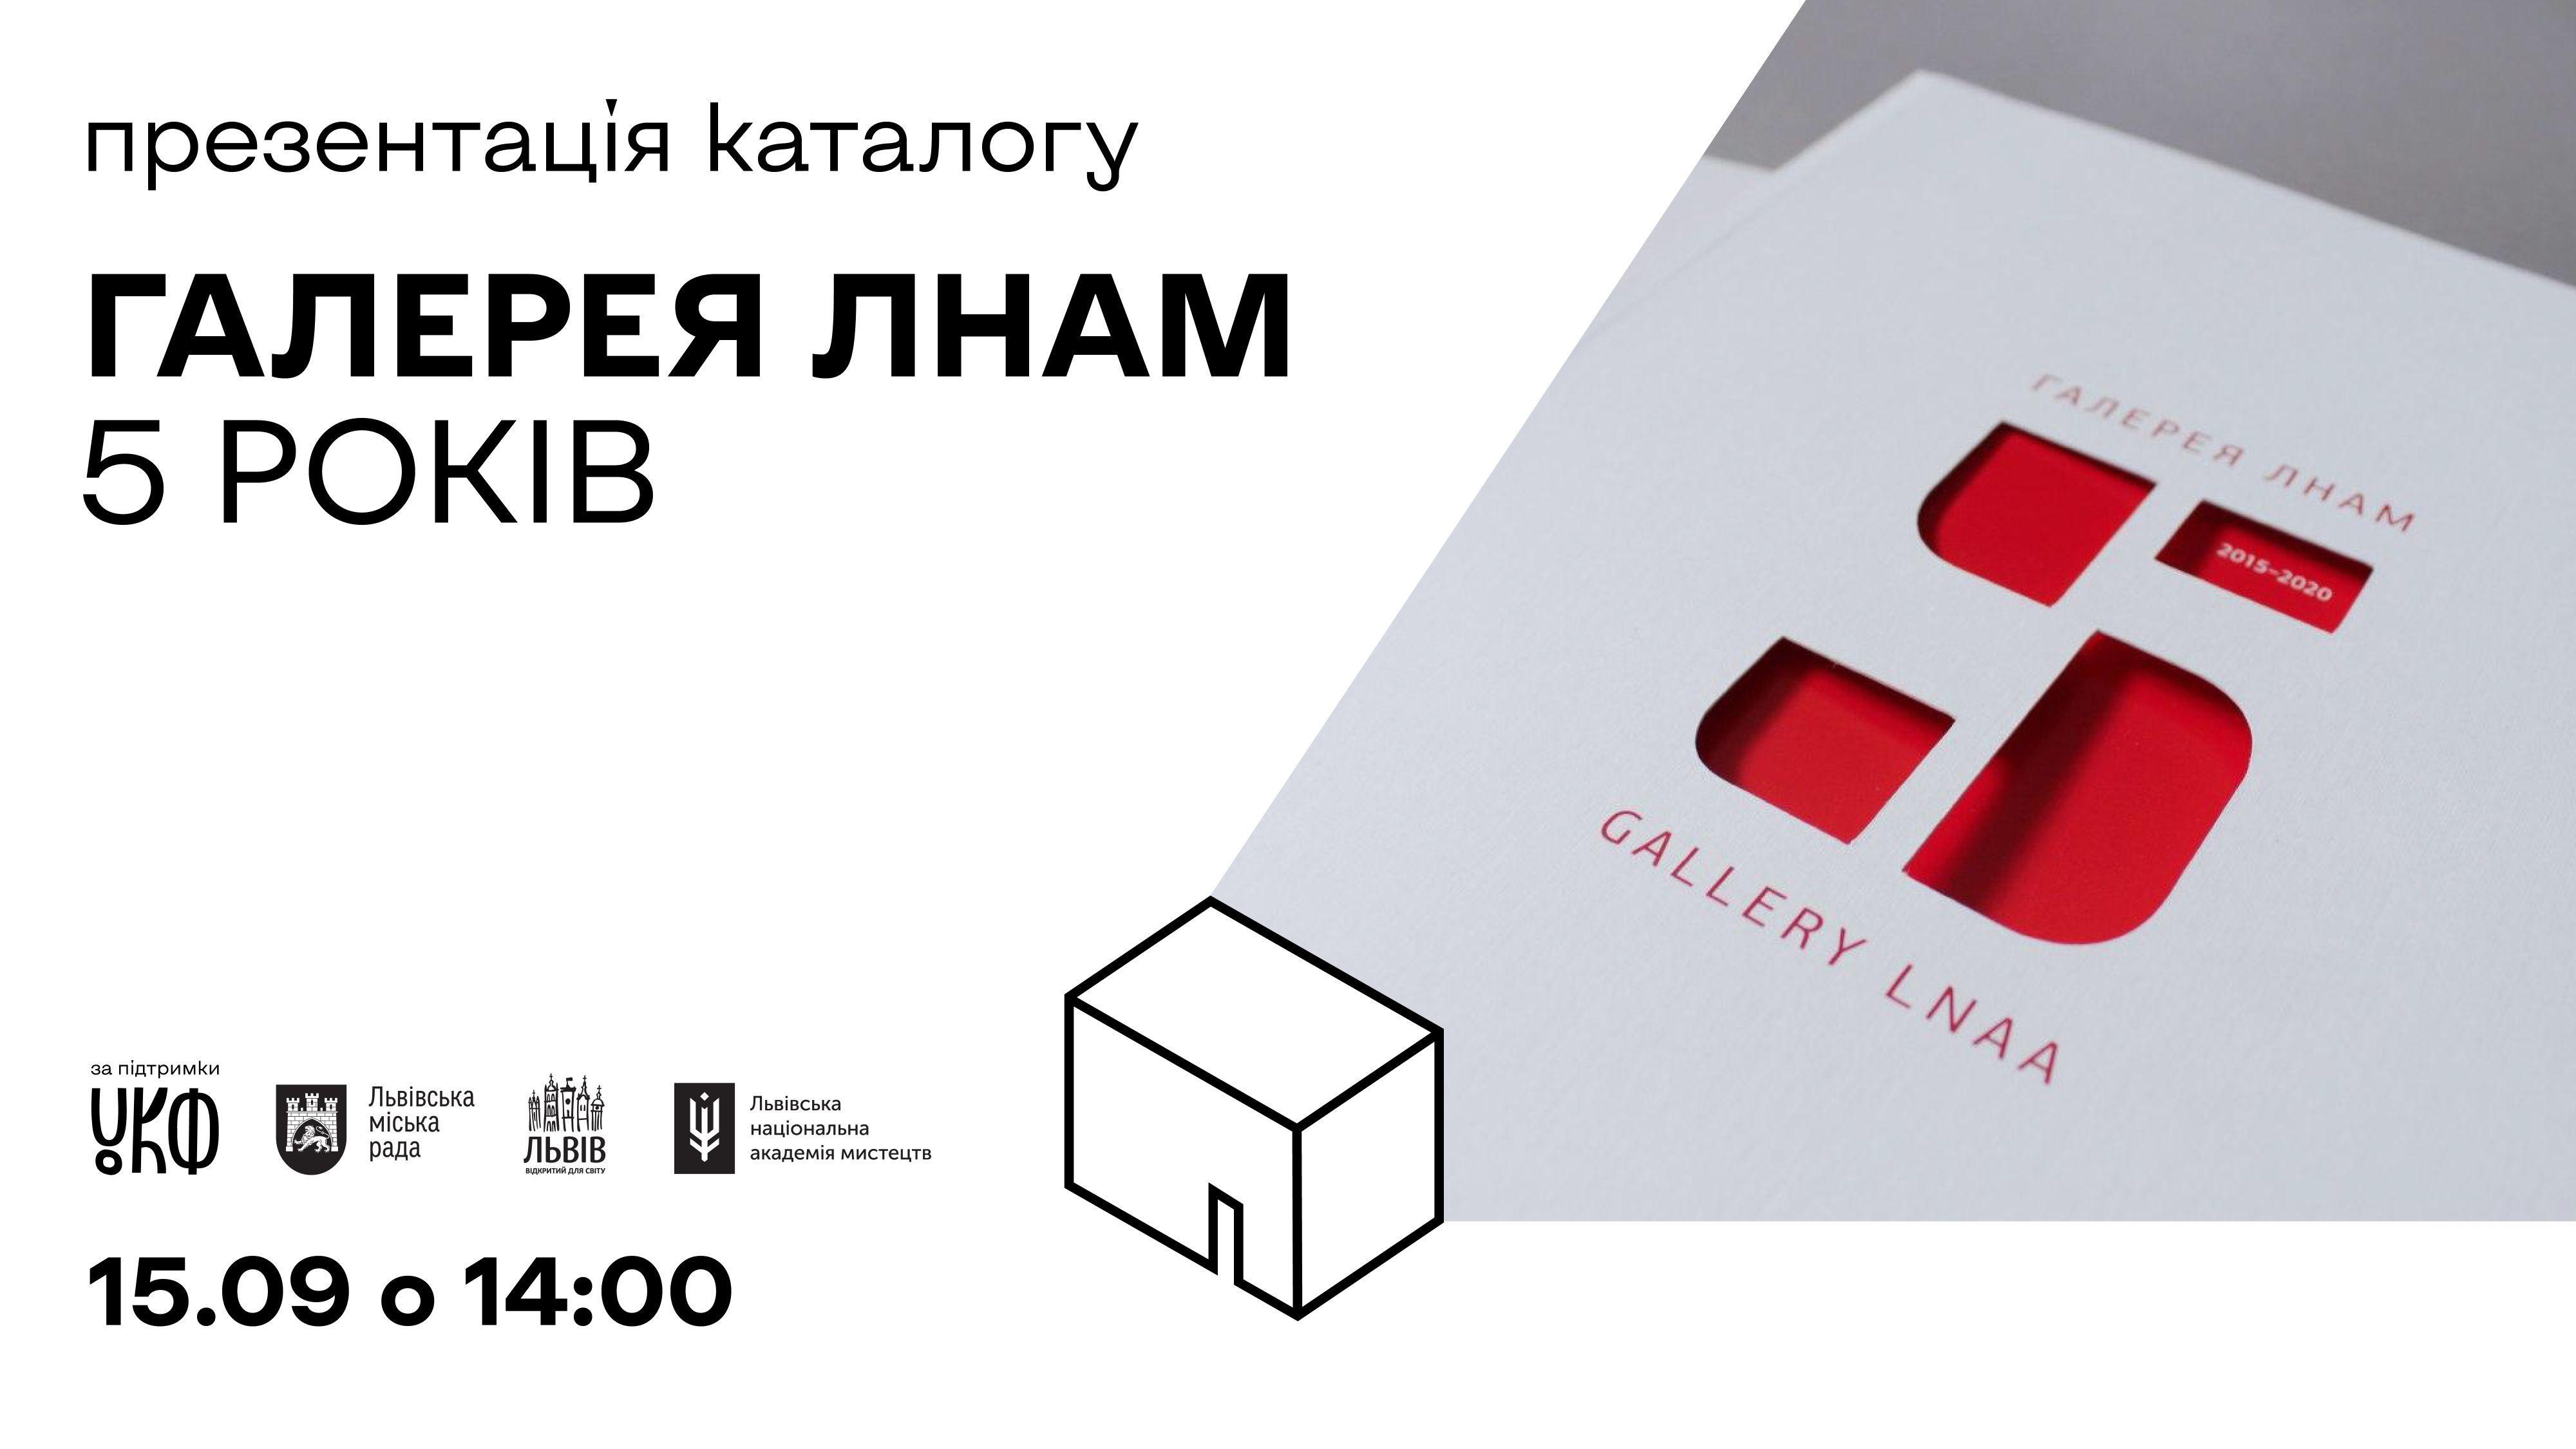 В Львівській академії мистецтв презентували каталог мистецьких подій до п'ятиріччя галереї